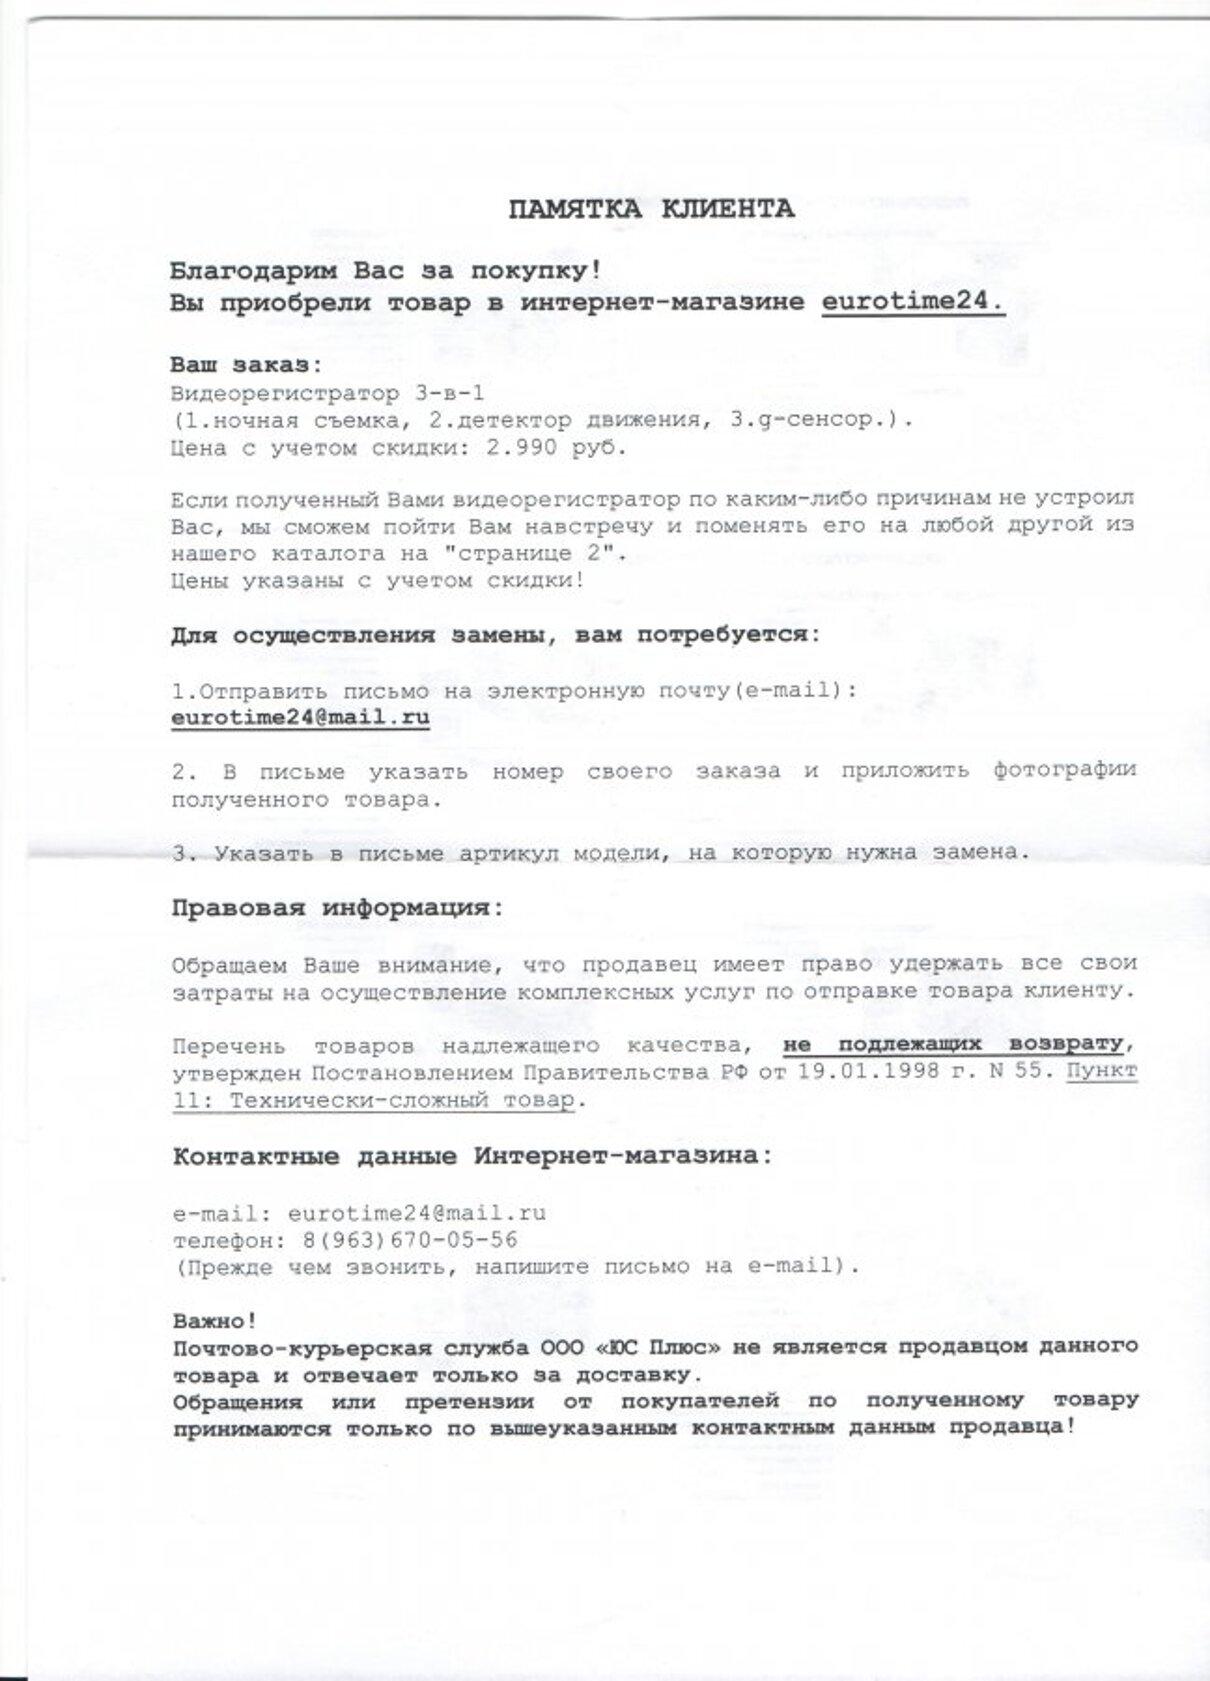 Жалоба-отзыв: Интернет магазин Eurotime24 - Поставка товара, не соответствующего заказанному.  Фото №3